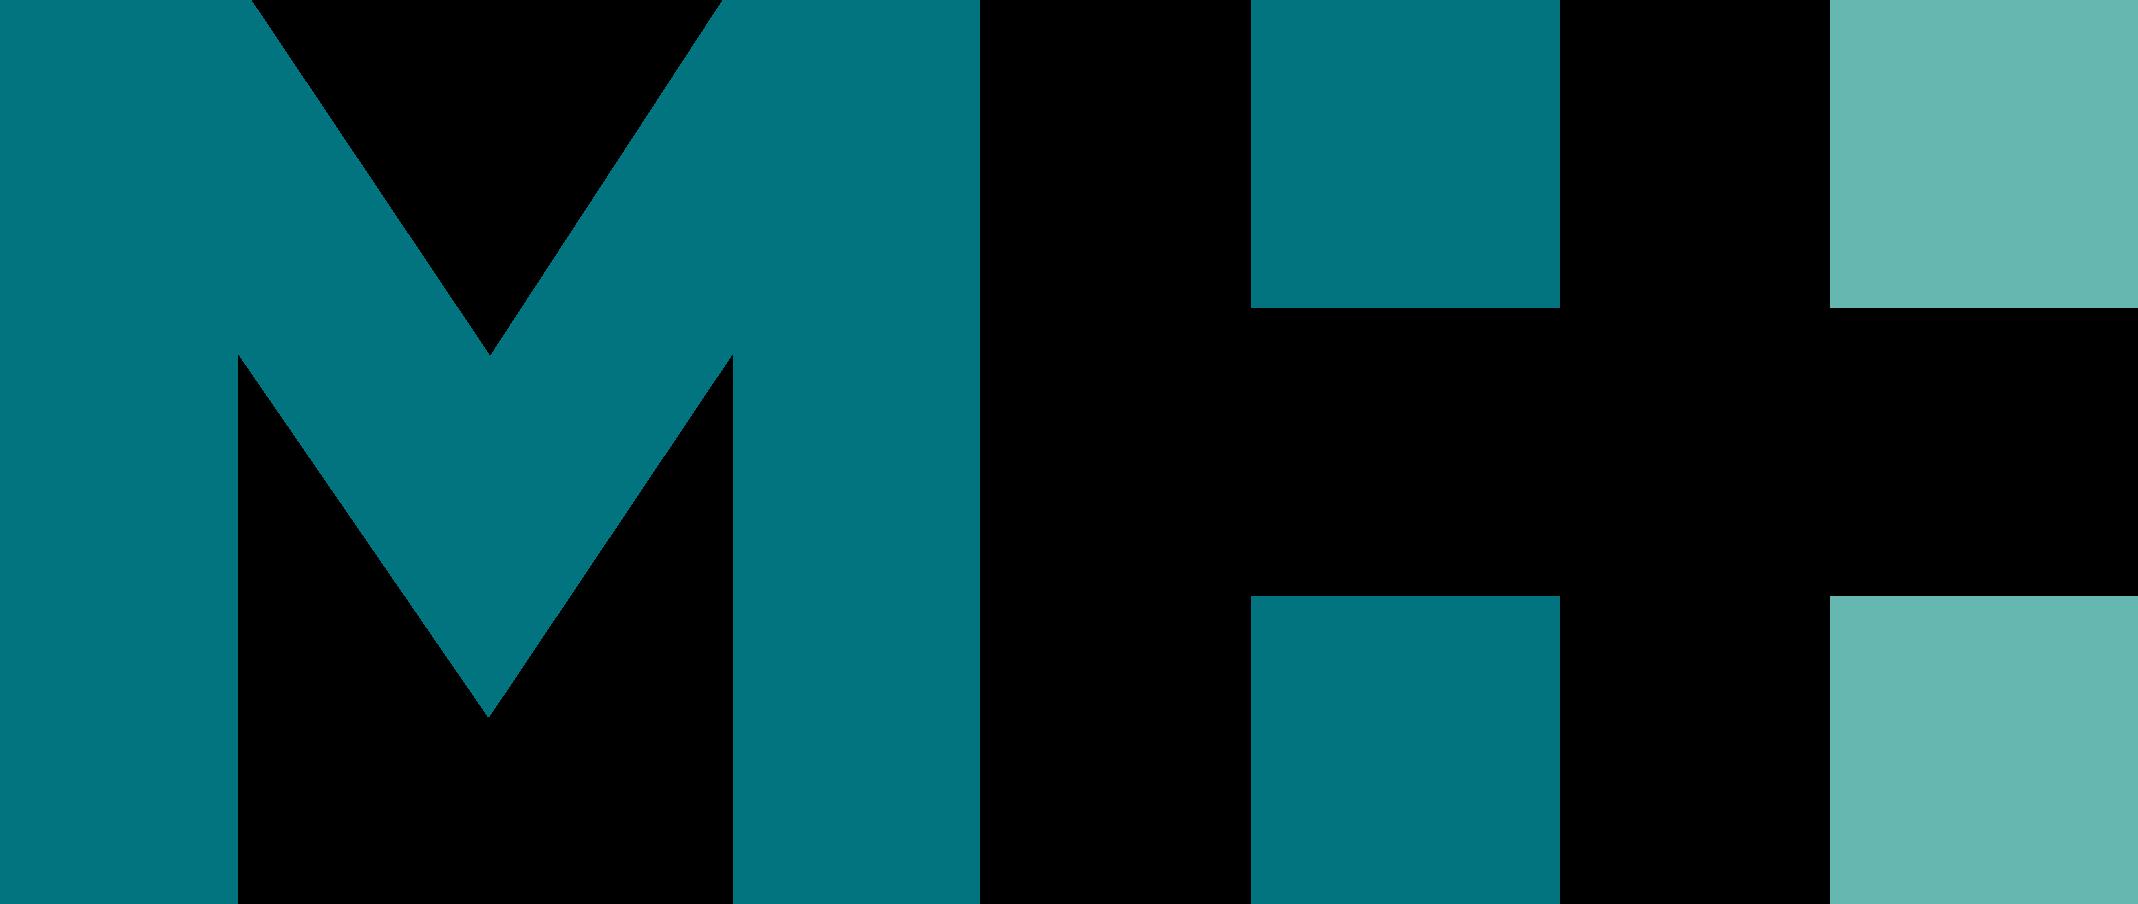 M4H_Logo.png